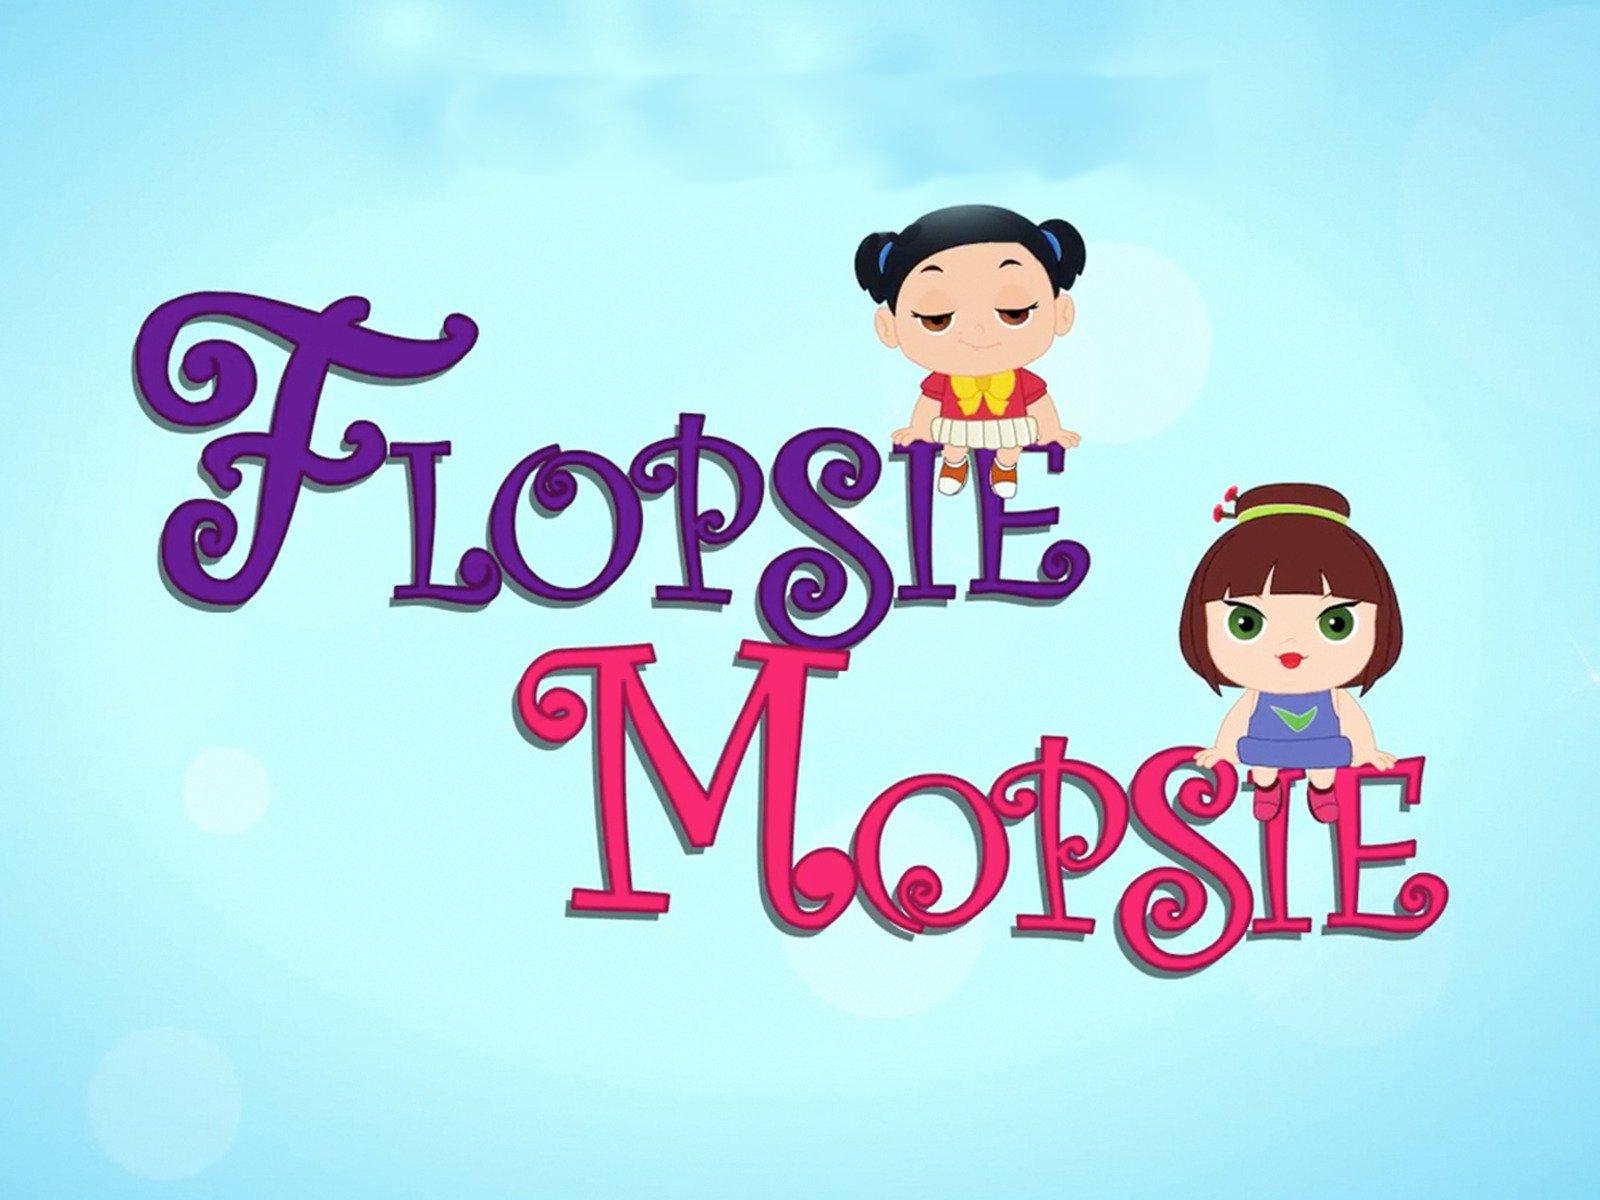 Flopsie Mopsie on Amazon Prime Video UK